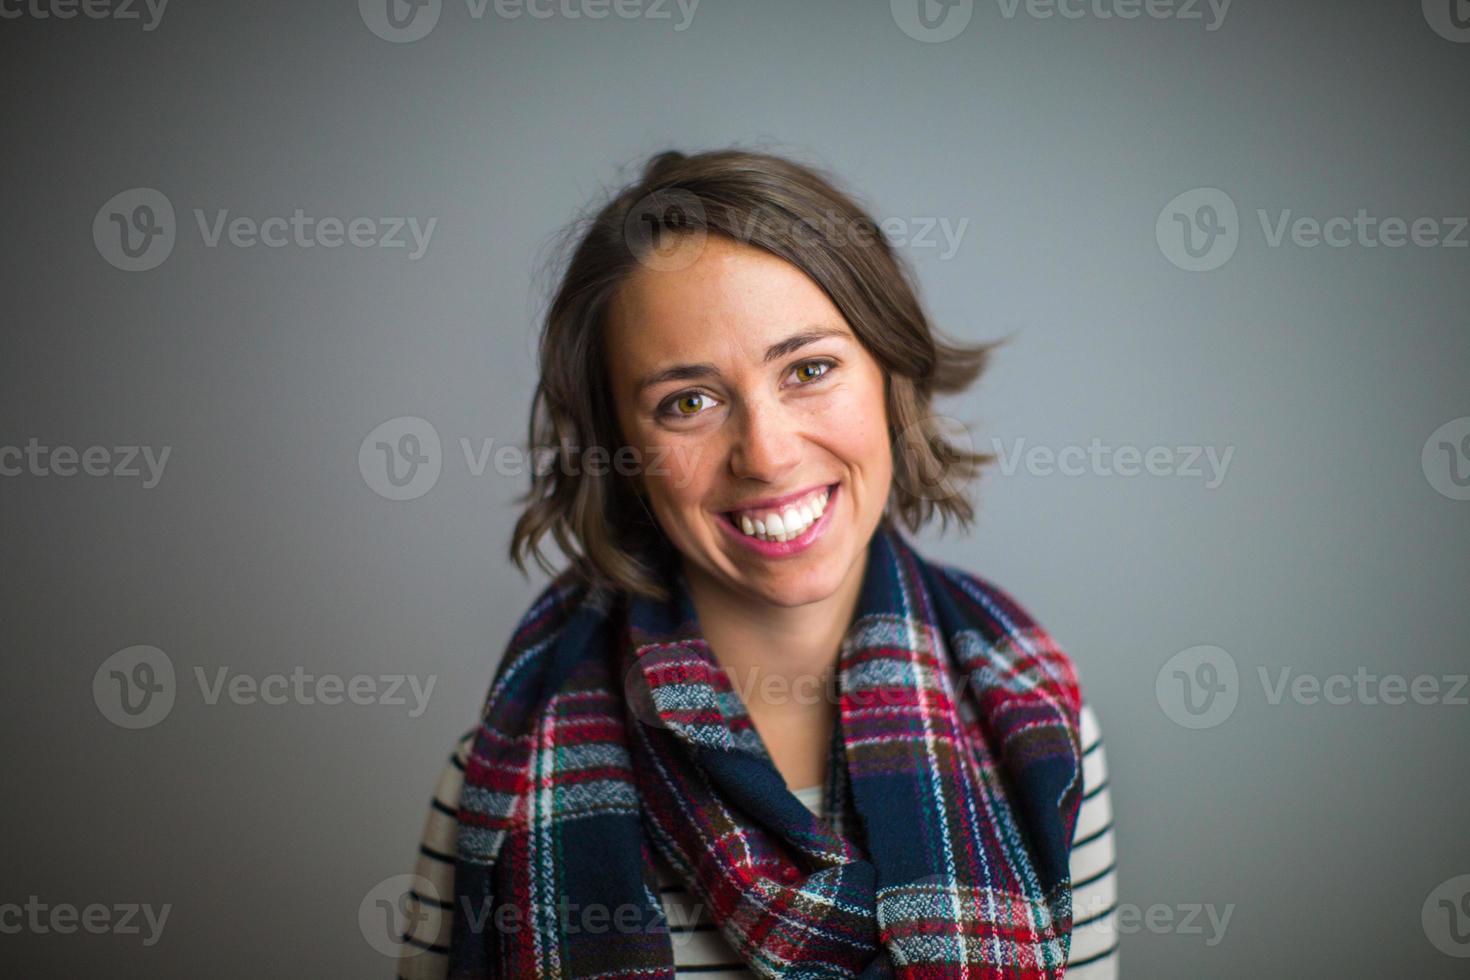 vrouw glimlacht met een blauwrode sjaal foto